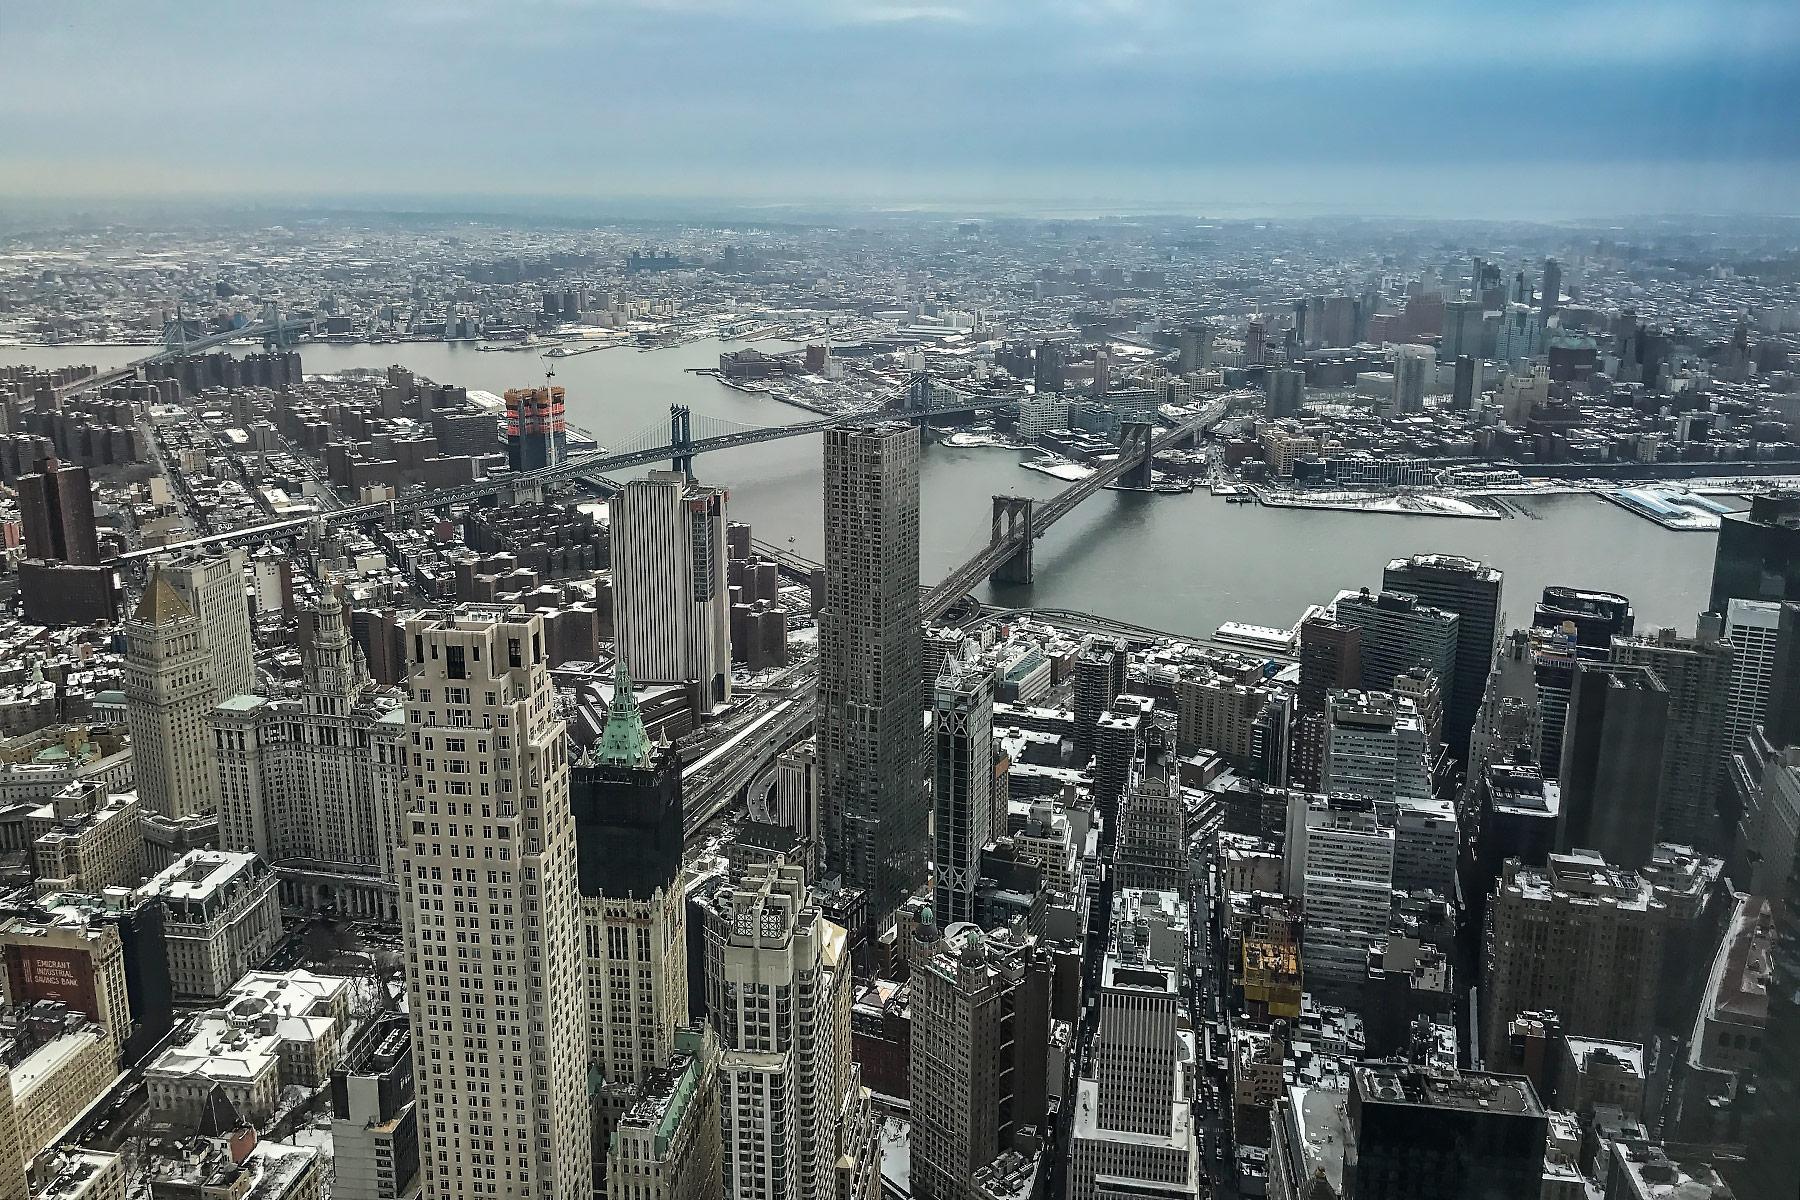 newyorkcity-1.jpg